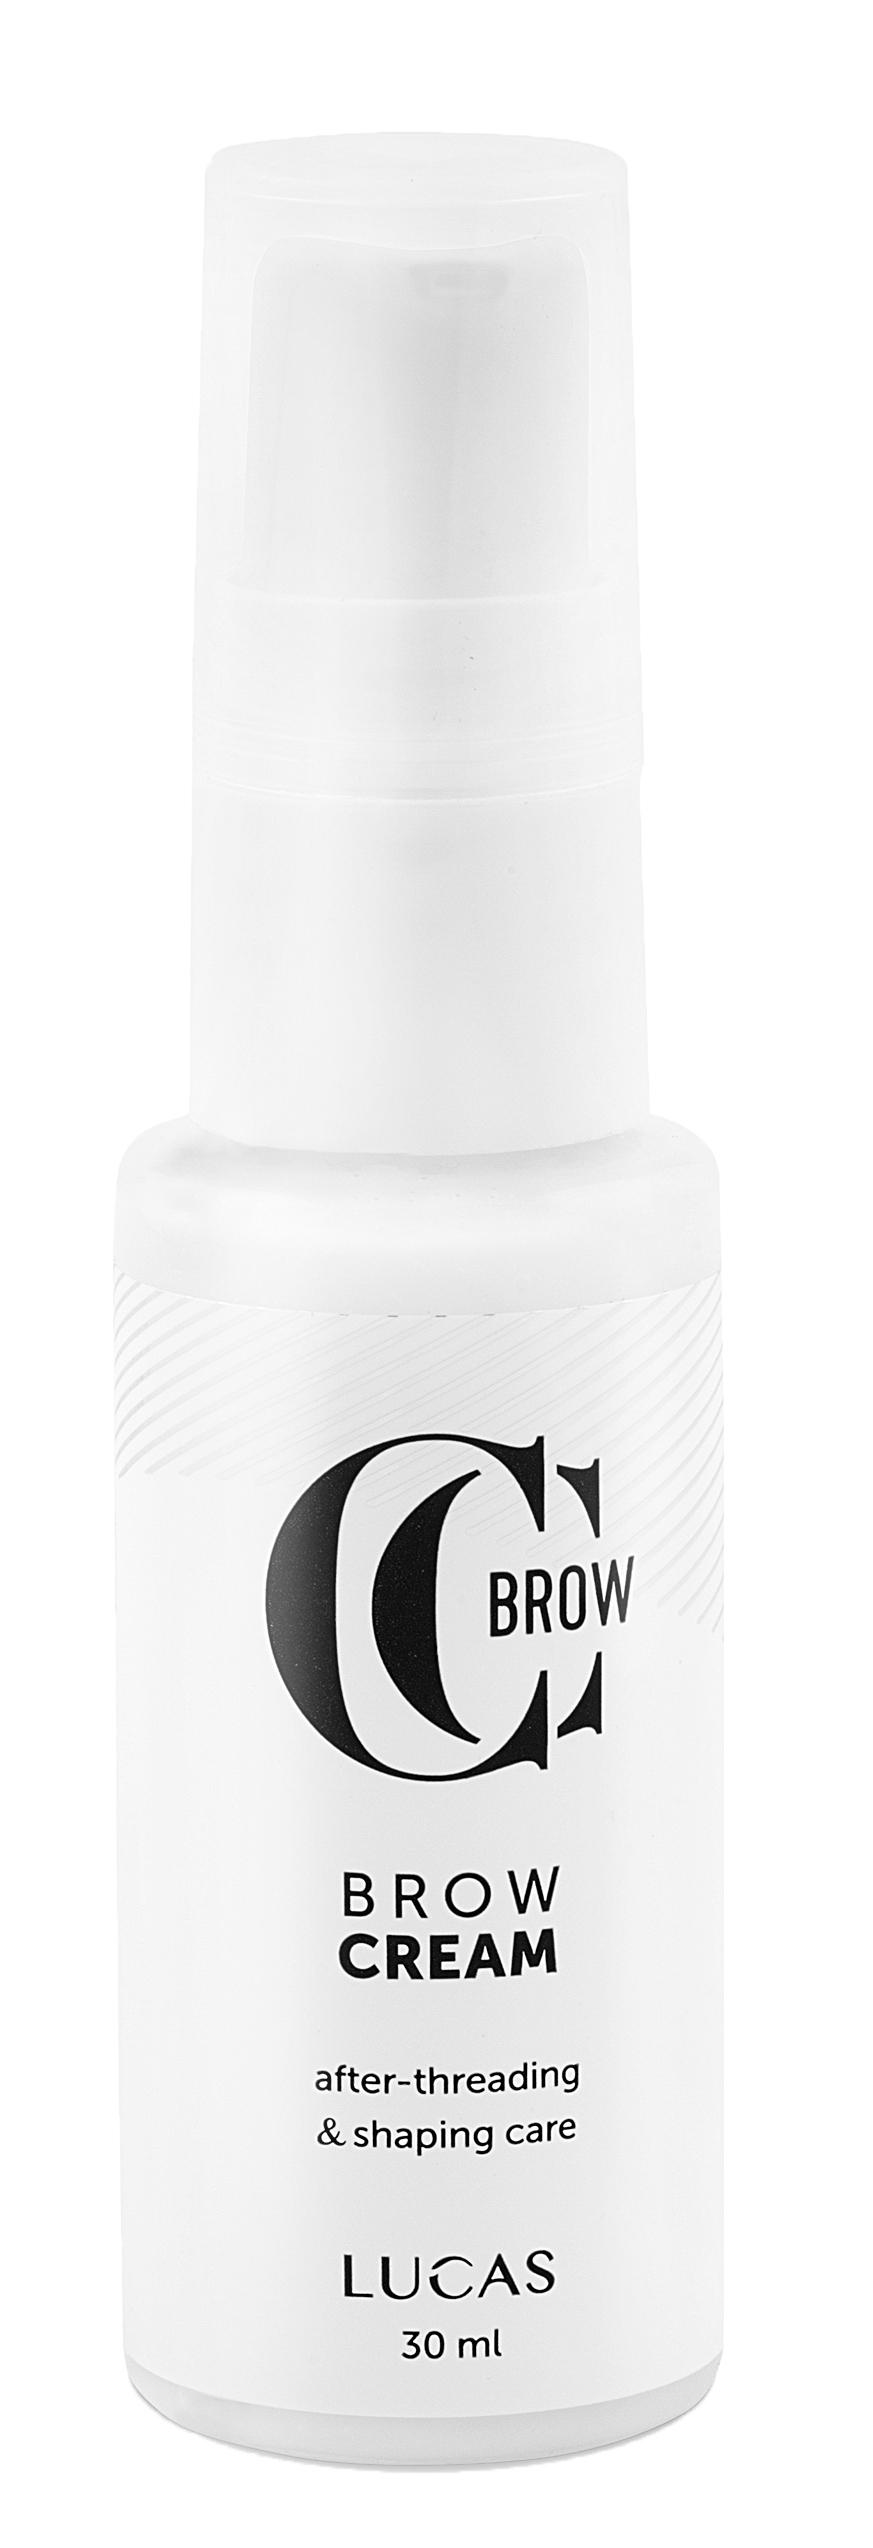 Купить LUCAS' COSMETICS Крем для тридинга бровей / CC Brow cream 30 мл